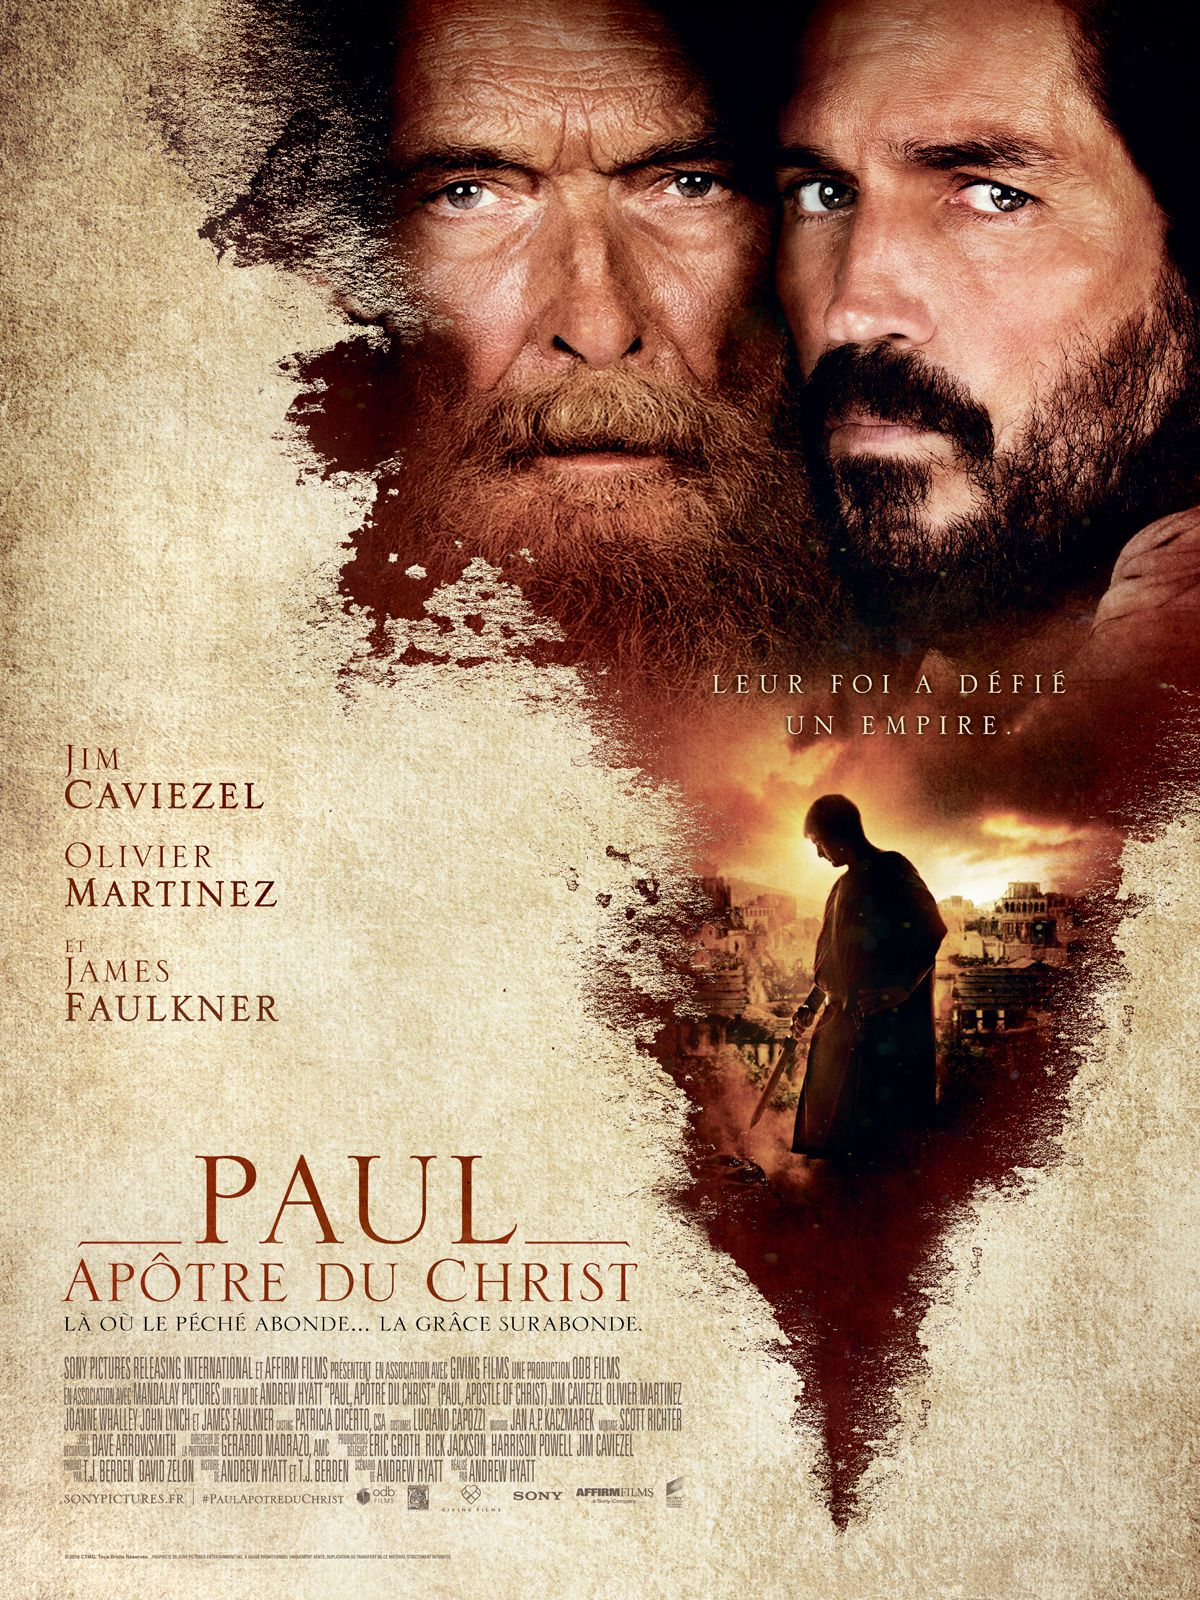 Paul, apôtre du Christ - Film (2018)